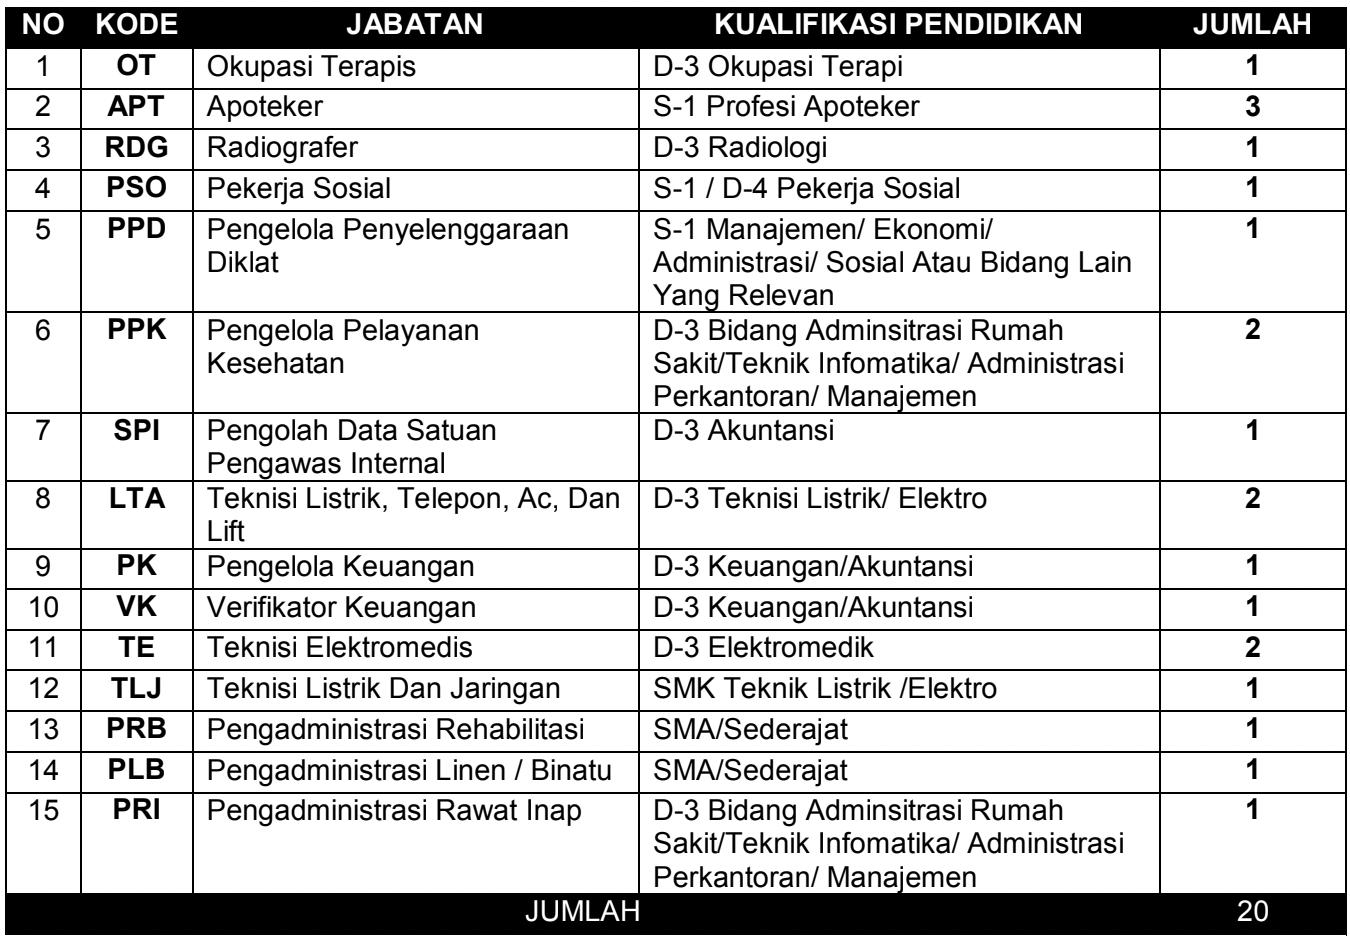 Pengadaan Pegawai RSJ Provinsi Jawa Barat